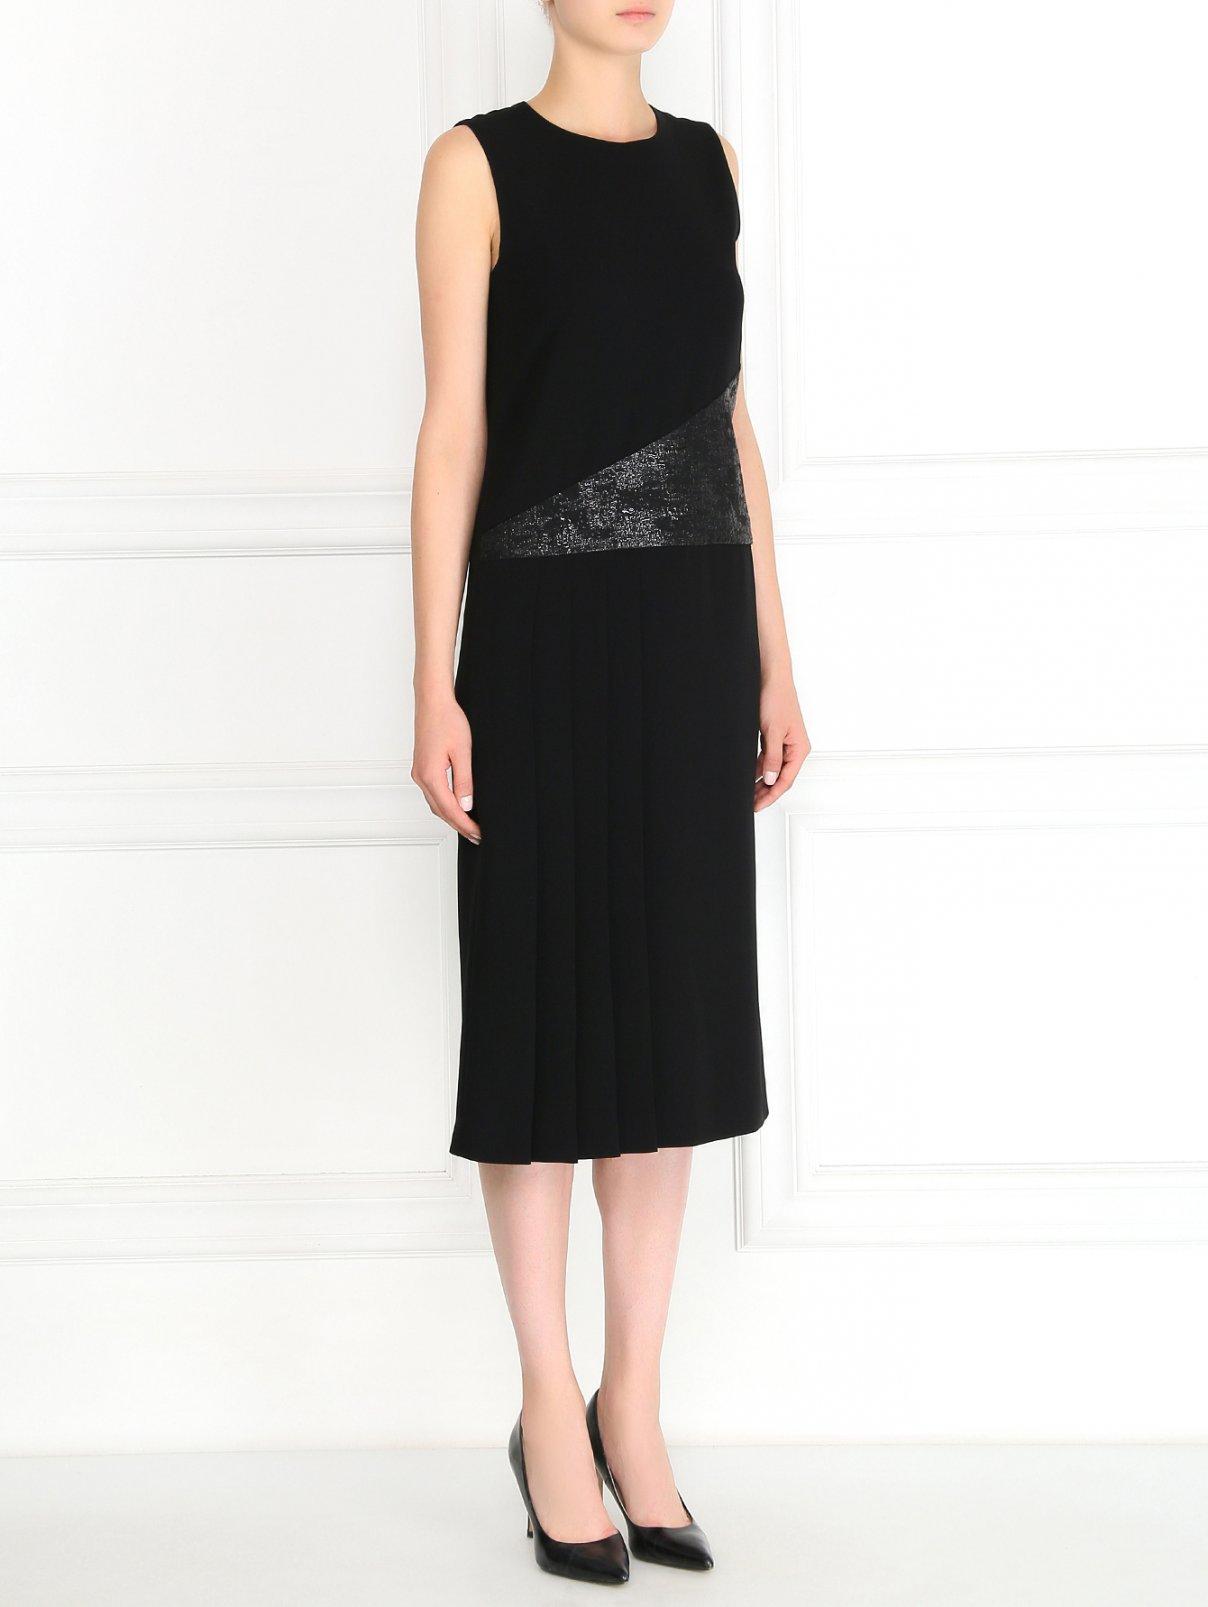 Платье-миди с плиссированной вставкой Max Mara Pianoforte  –  Модель Общий вид  – Цвет:  Черный